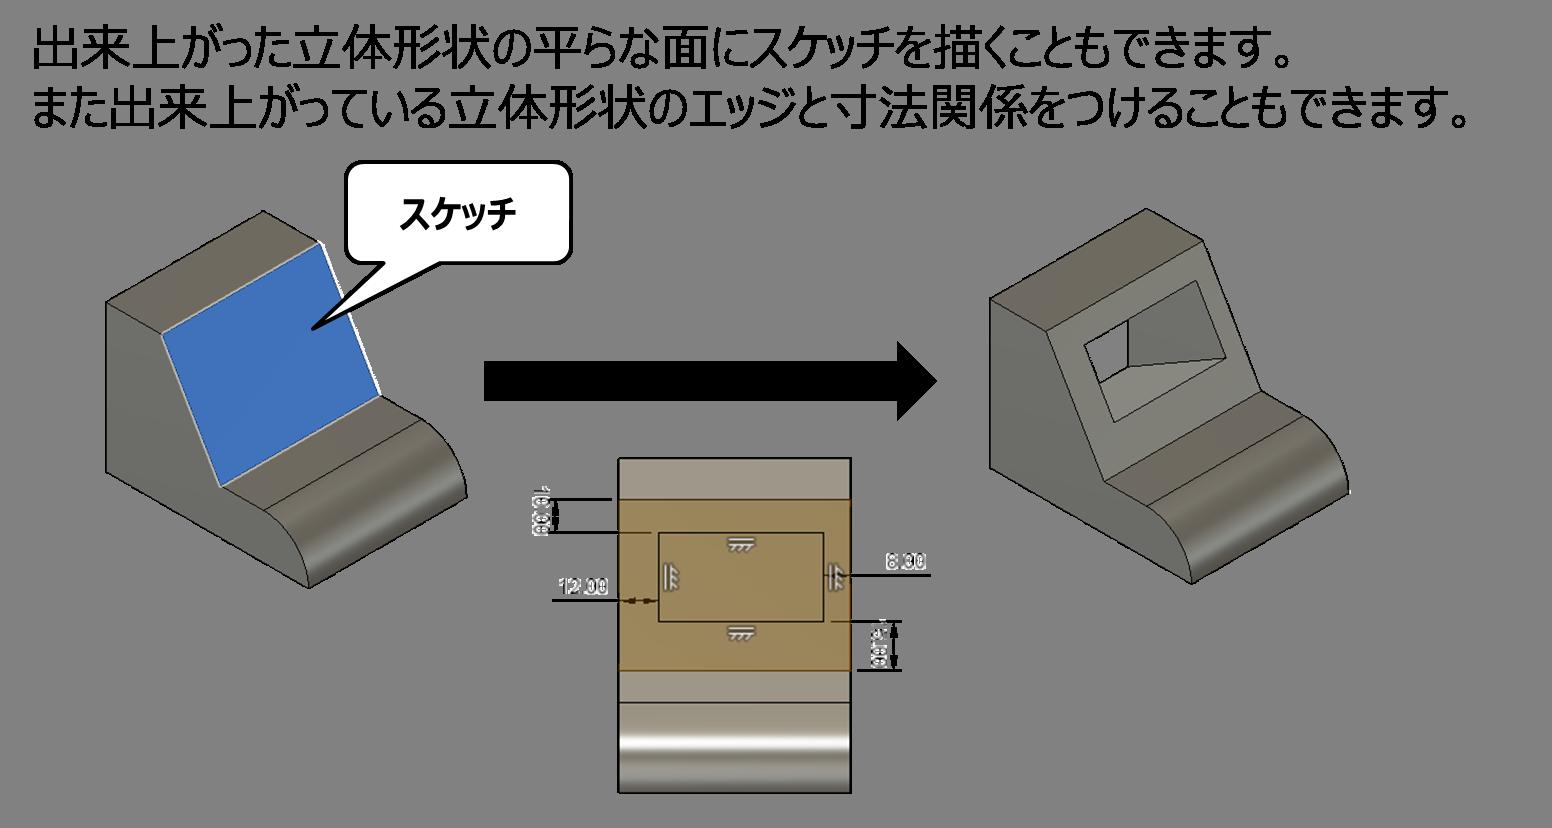 Fusion360 ¹ケッチについて Home3ddo Å®¶ã§æ°—軽に3dを楽しめる時代へ